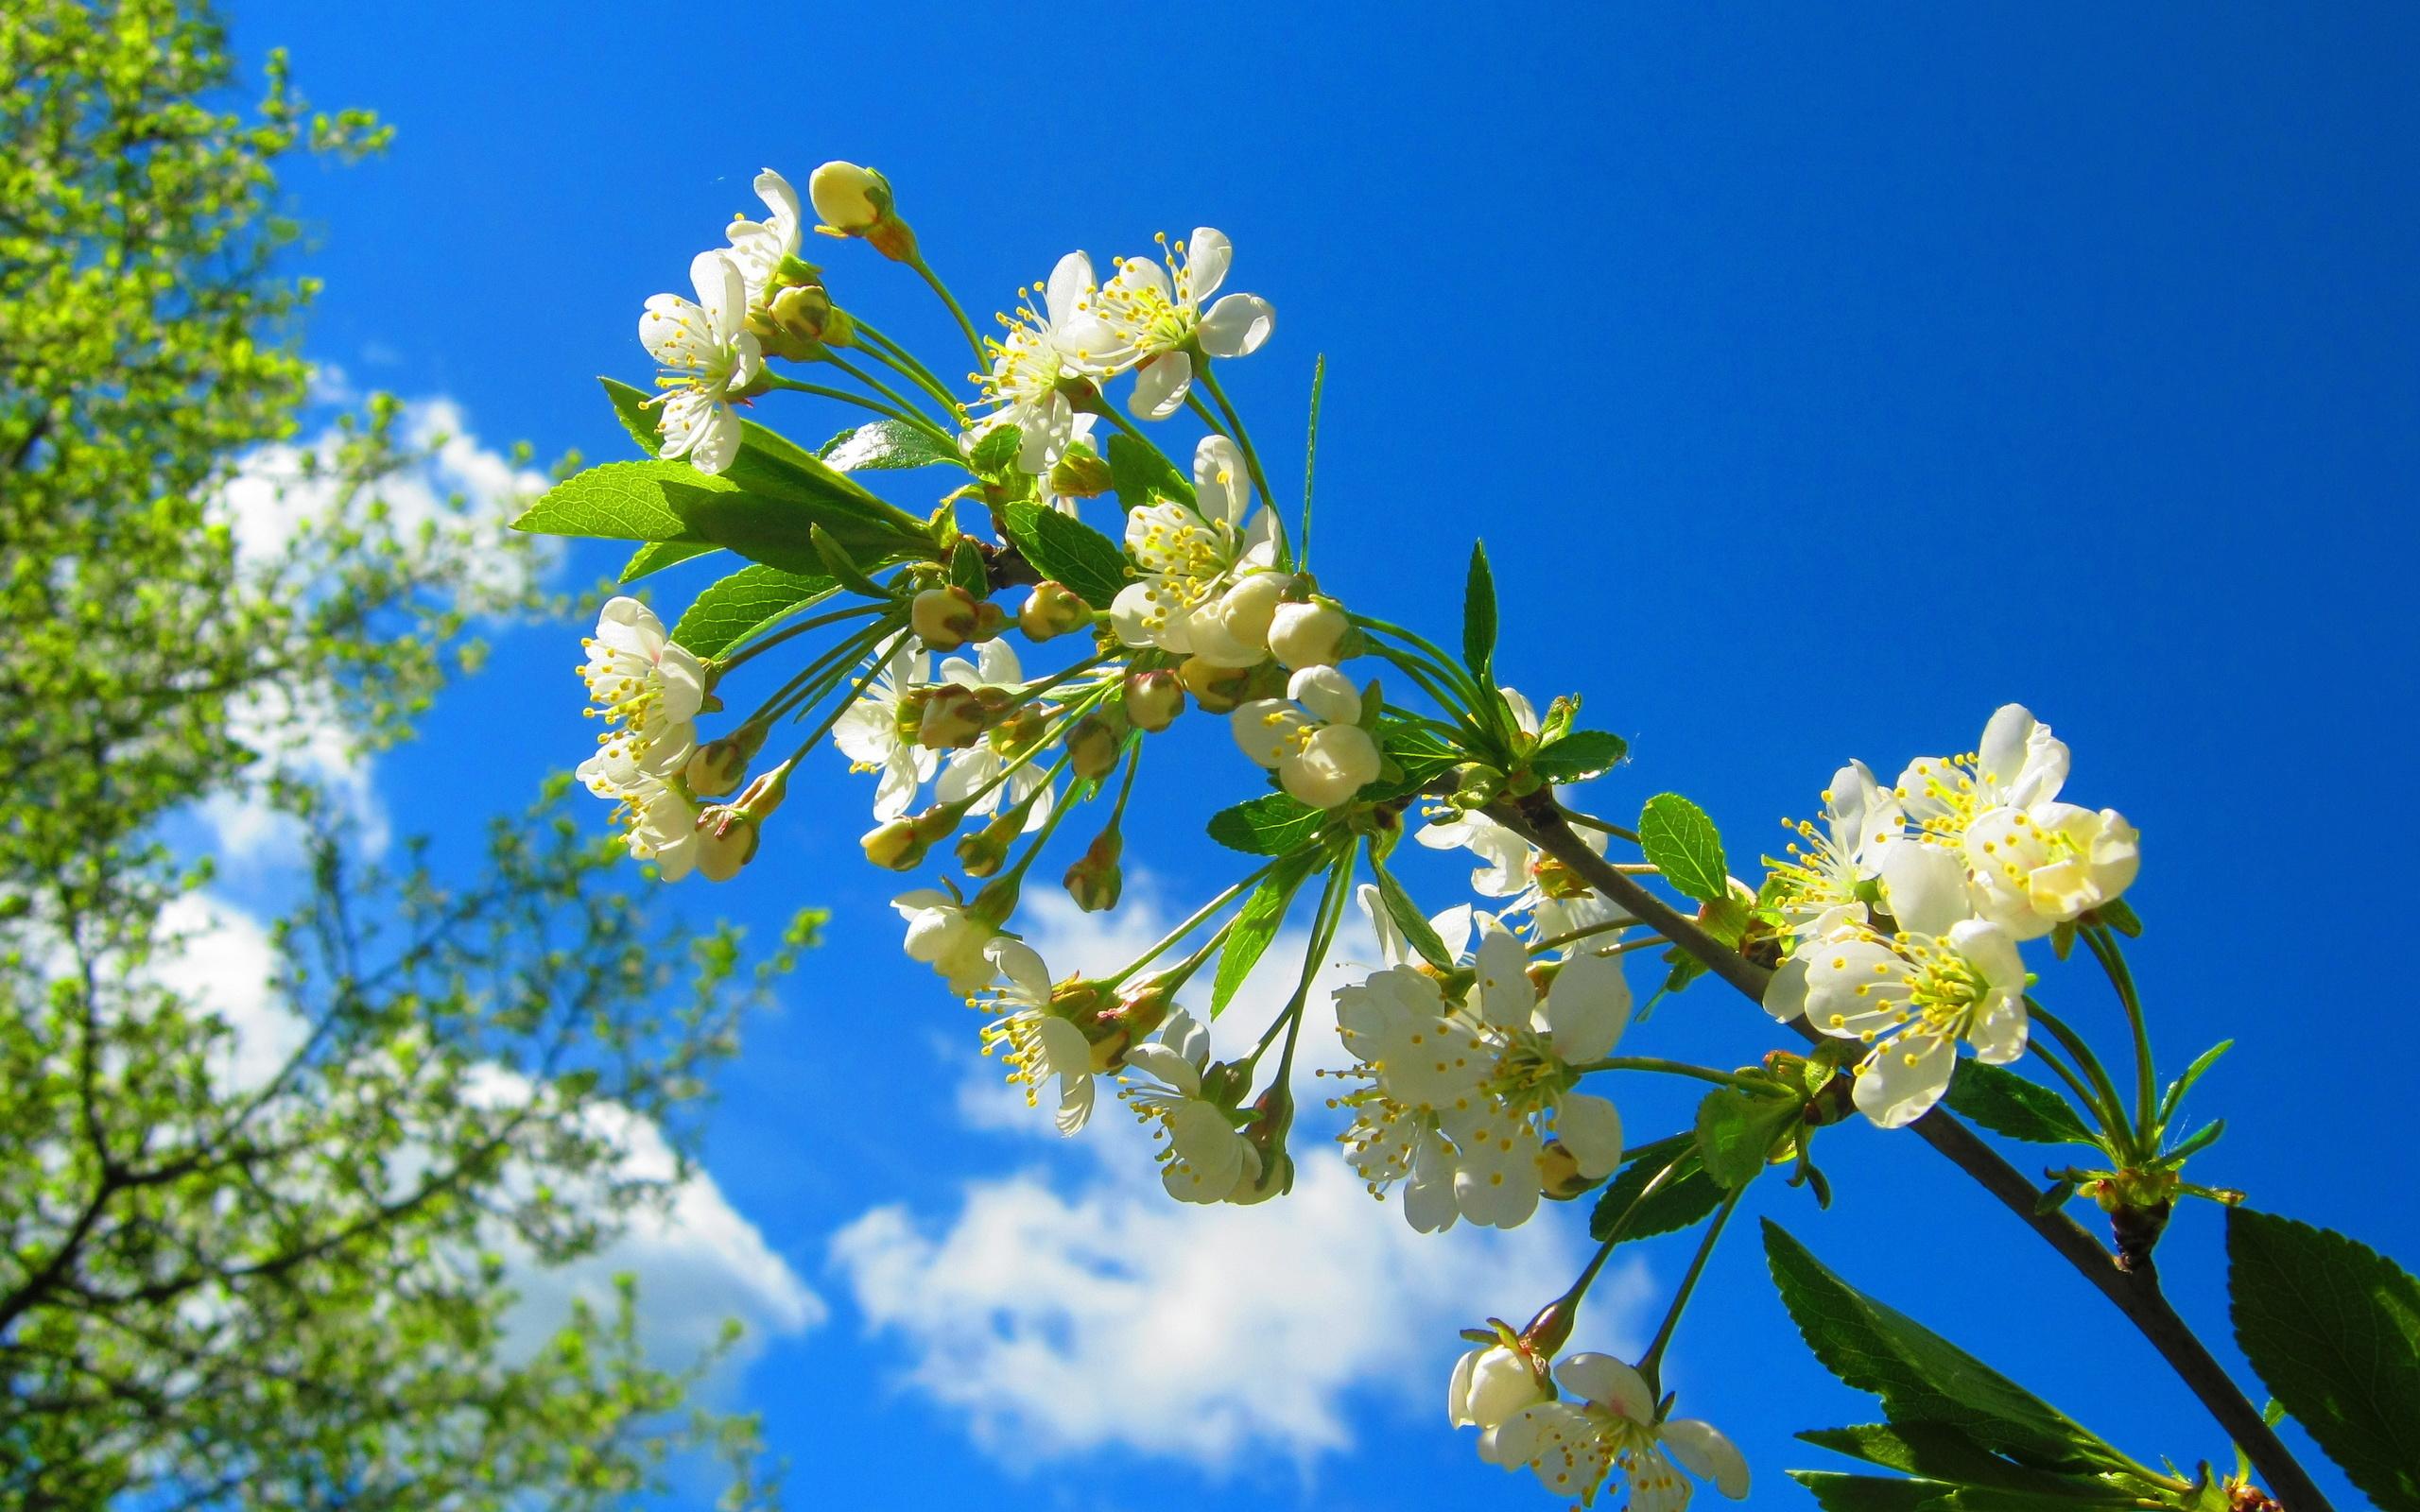 очень большие картинки весна на весь экран жаловался, бедолага